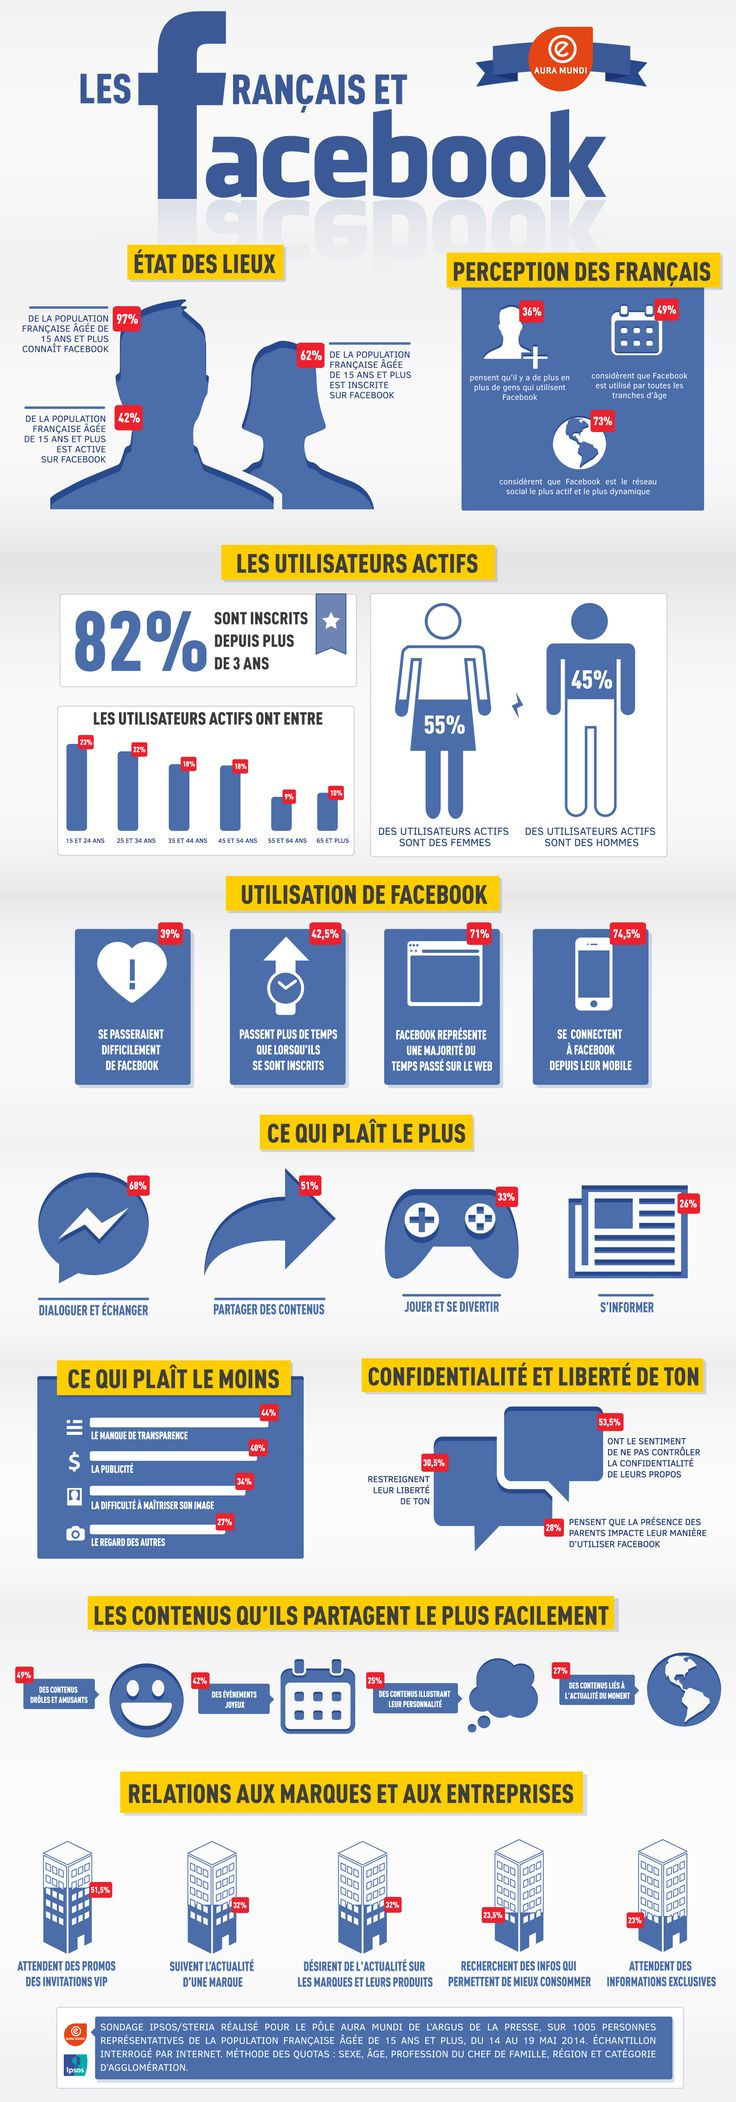 Facebook en France - Infographie AUra Mundi [FR] (octobre 2014)